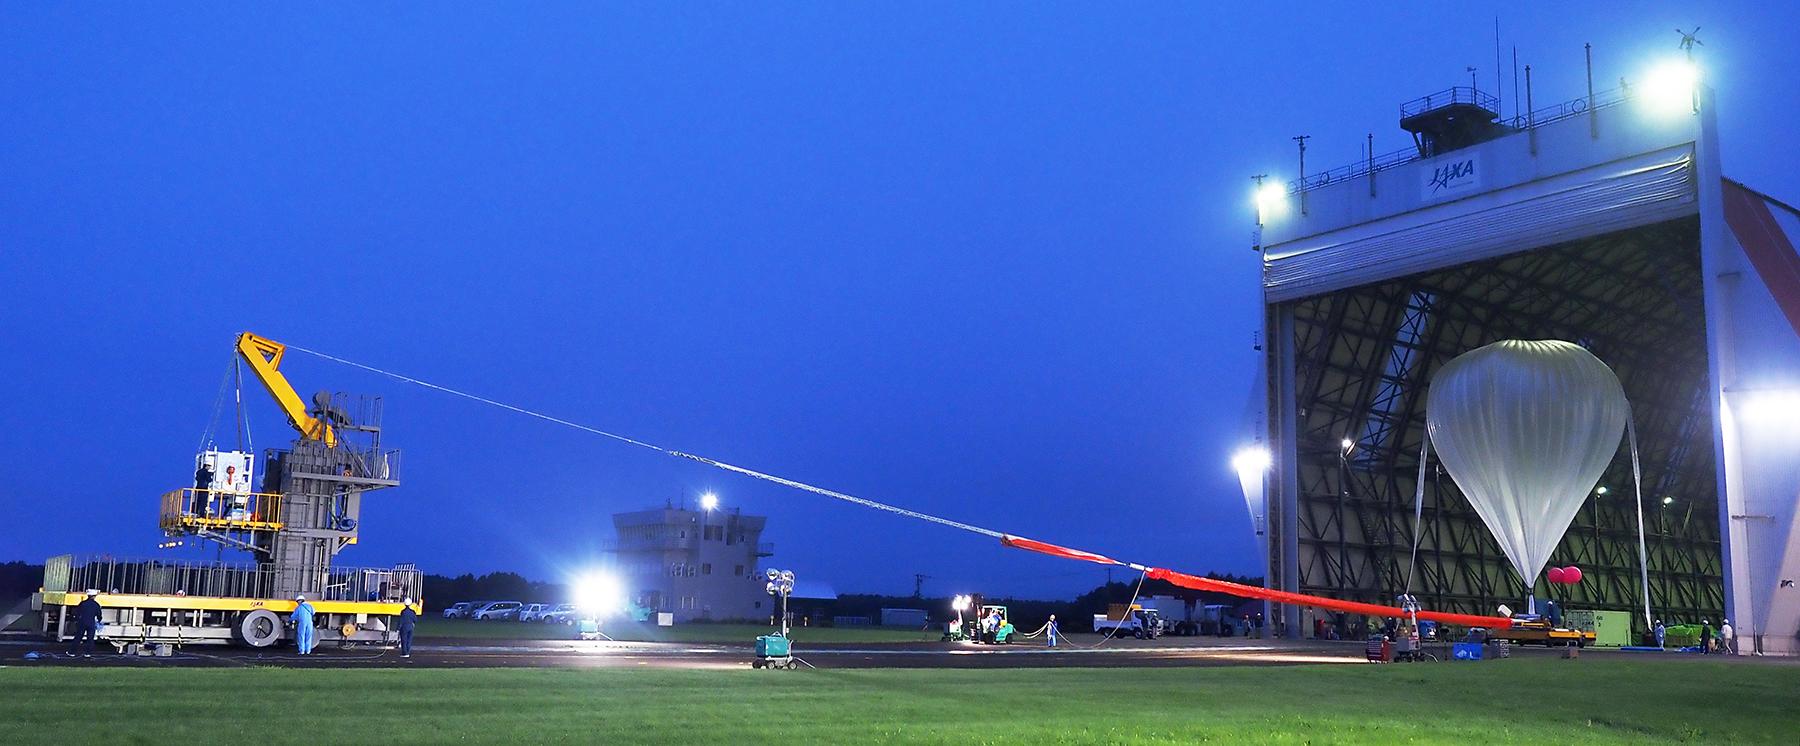 2020年度大樹航空宇宙実験場の実験計画 ー6月30日JAXA記者会見ー